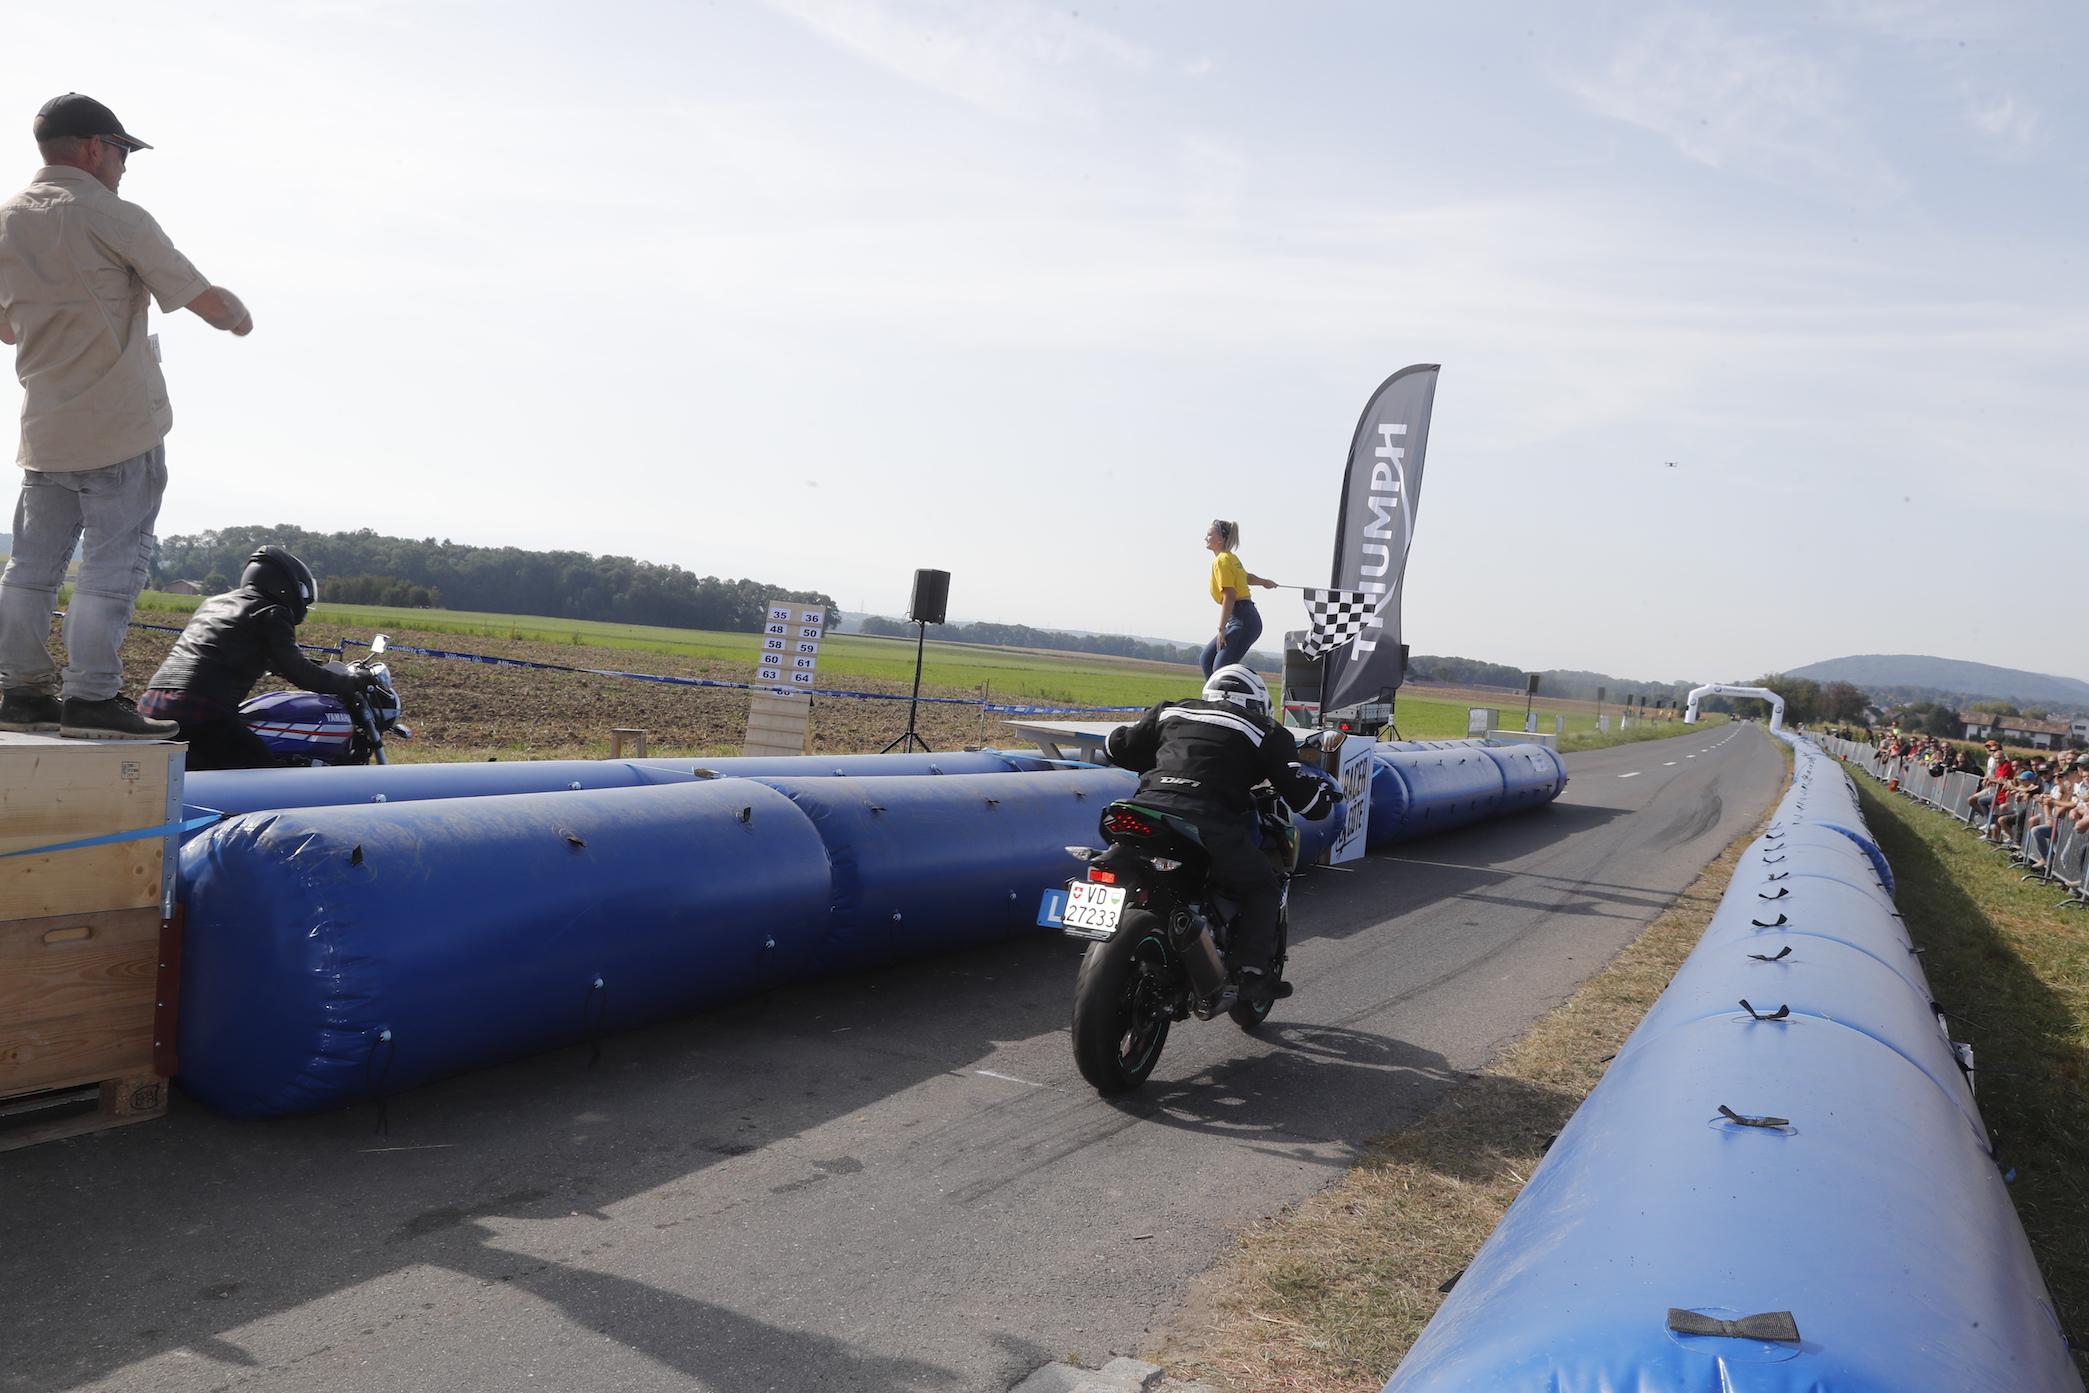 RacerLacote_019small_Kawasaki_9RL9937